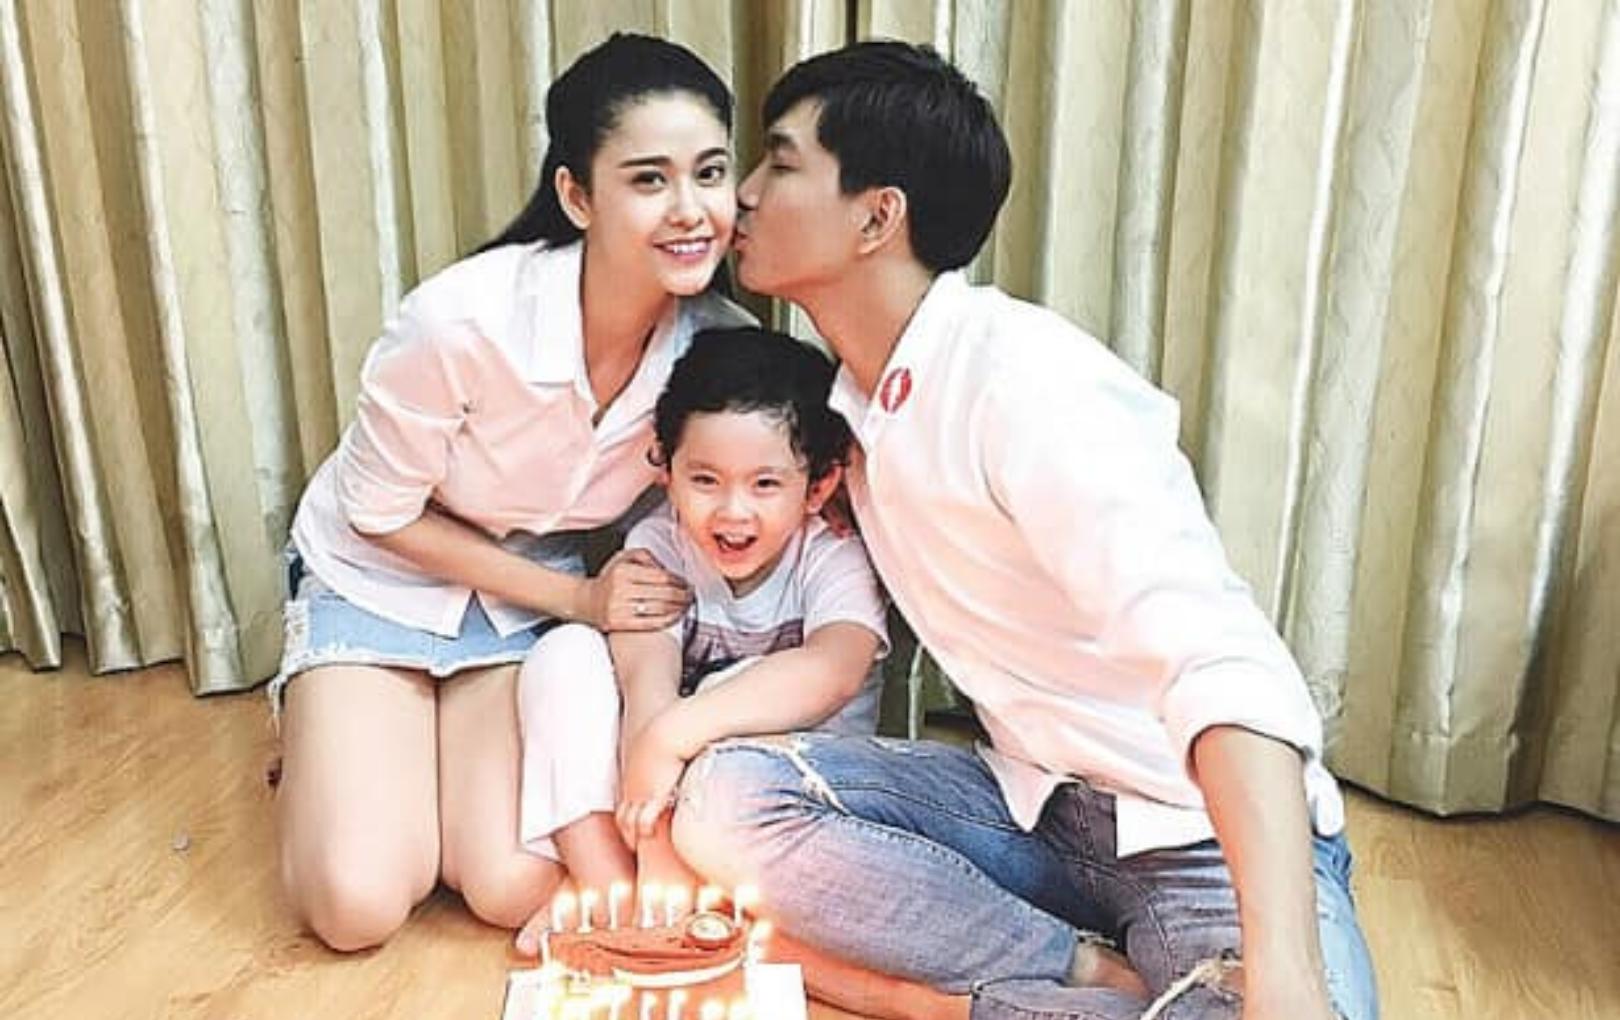 Tim bất ngờ khoe ảnh hôn Trương Quỳnh Anh: 'Dù thế nào chúng ta vẫn mãi là người thân của nhau'